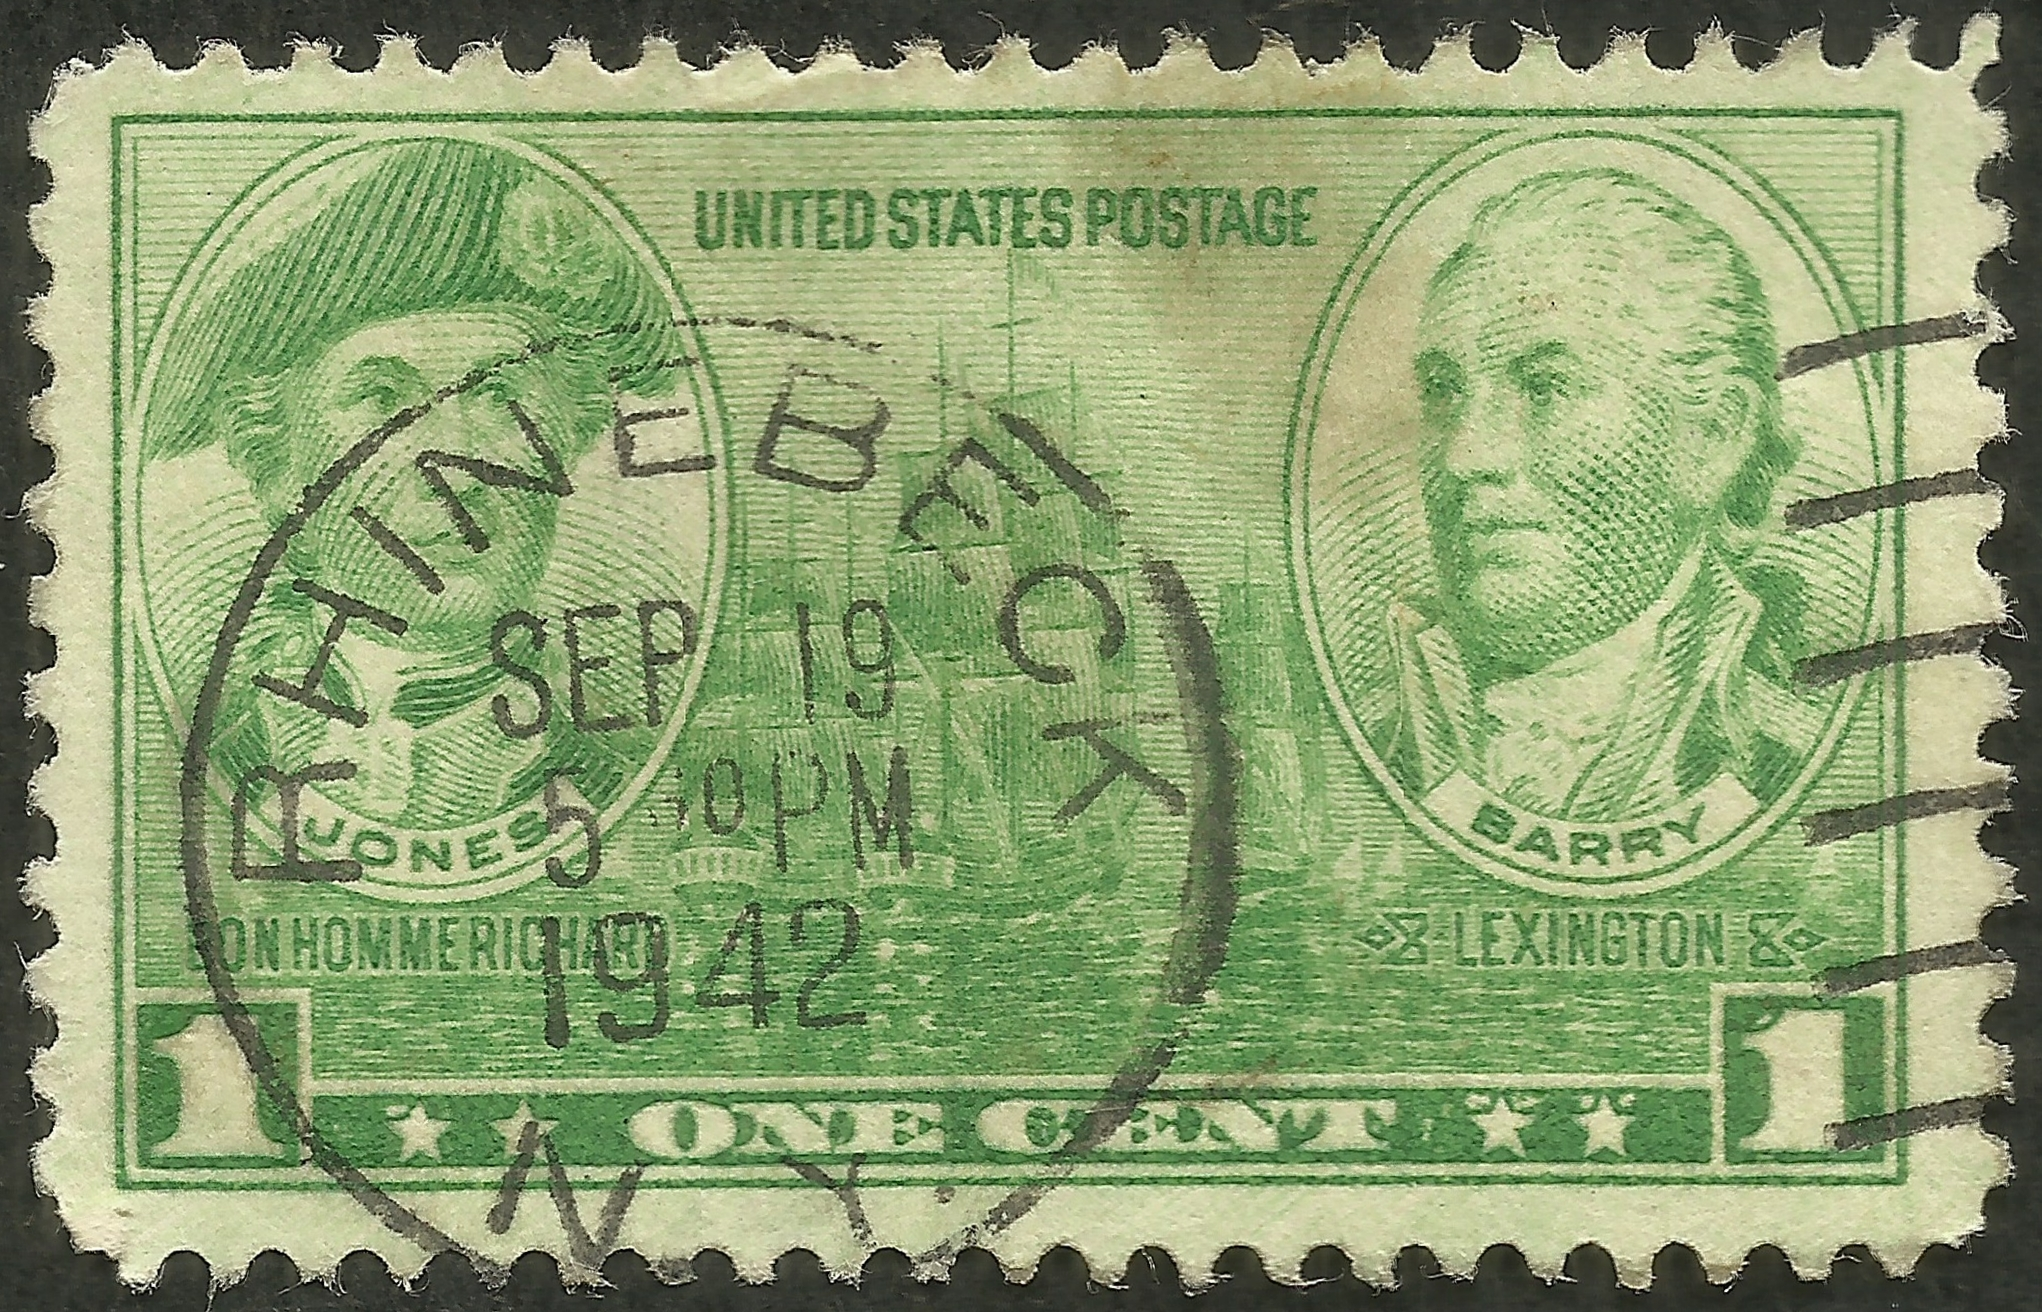 United States - Scott #790 (1936)